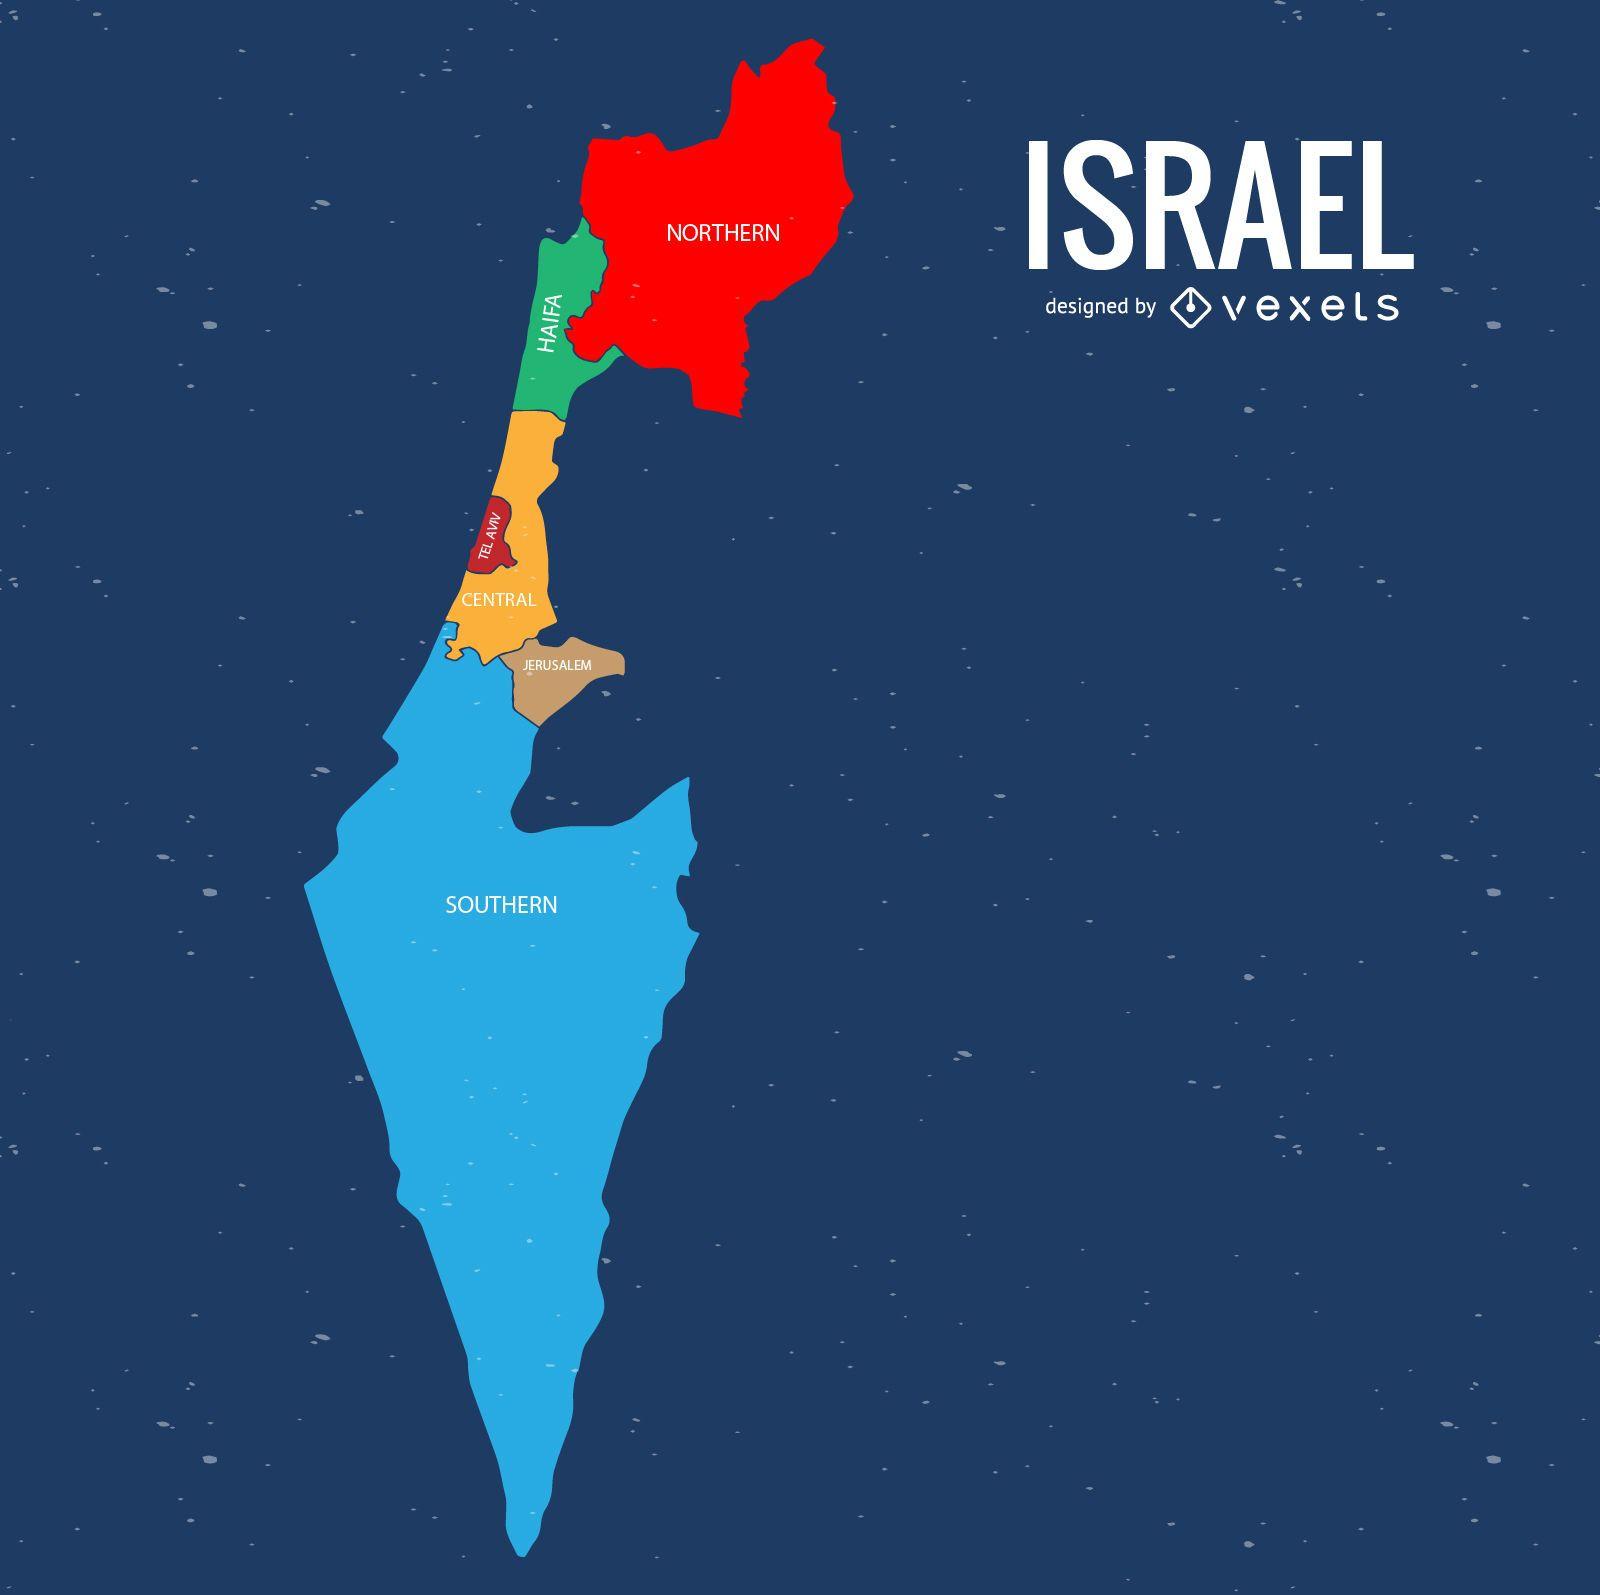 Karte der israelischen Verwaltungsabteilung